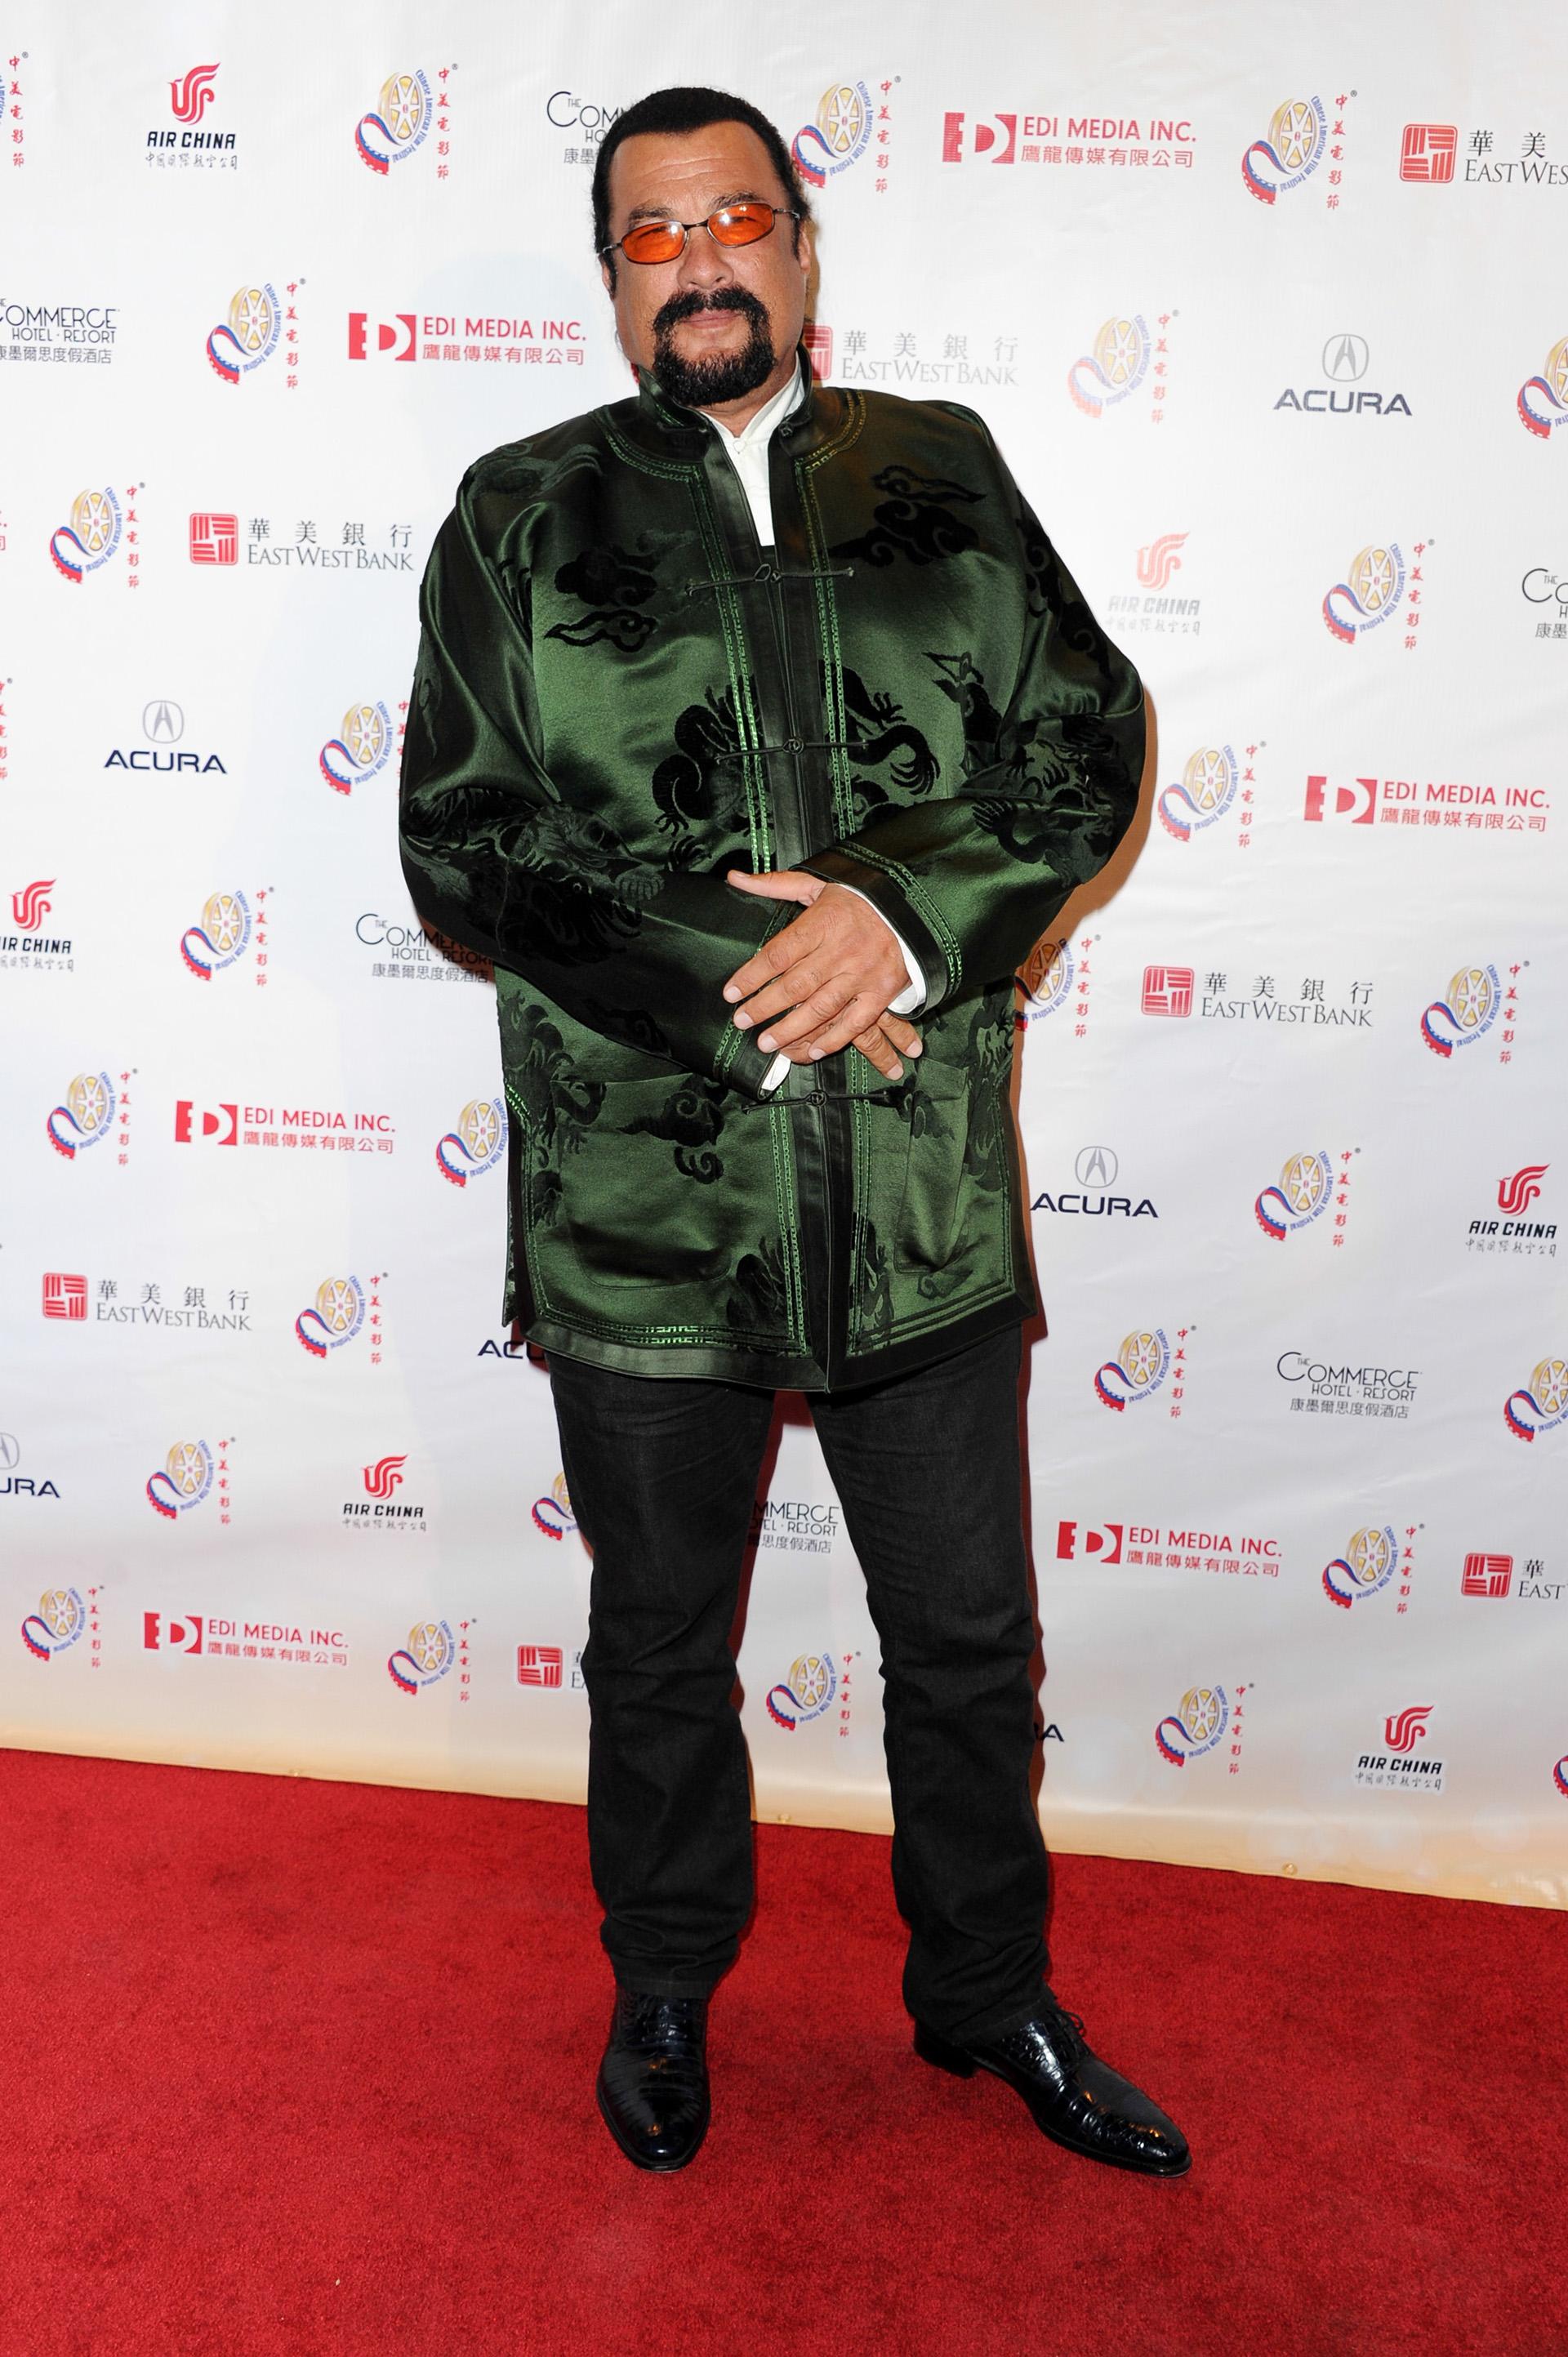 La periodista y actriz Lisa Guerrero reveló que hace 20 años Steven Seagal la acosó sexualmente. Decidió contarlo conmovida por las denuncias de abuso contra Harvey Weinstein (Getty Images)